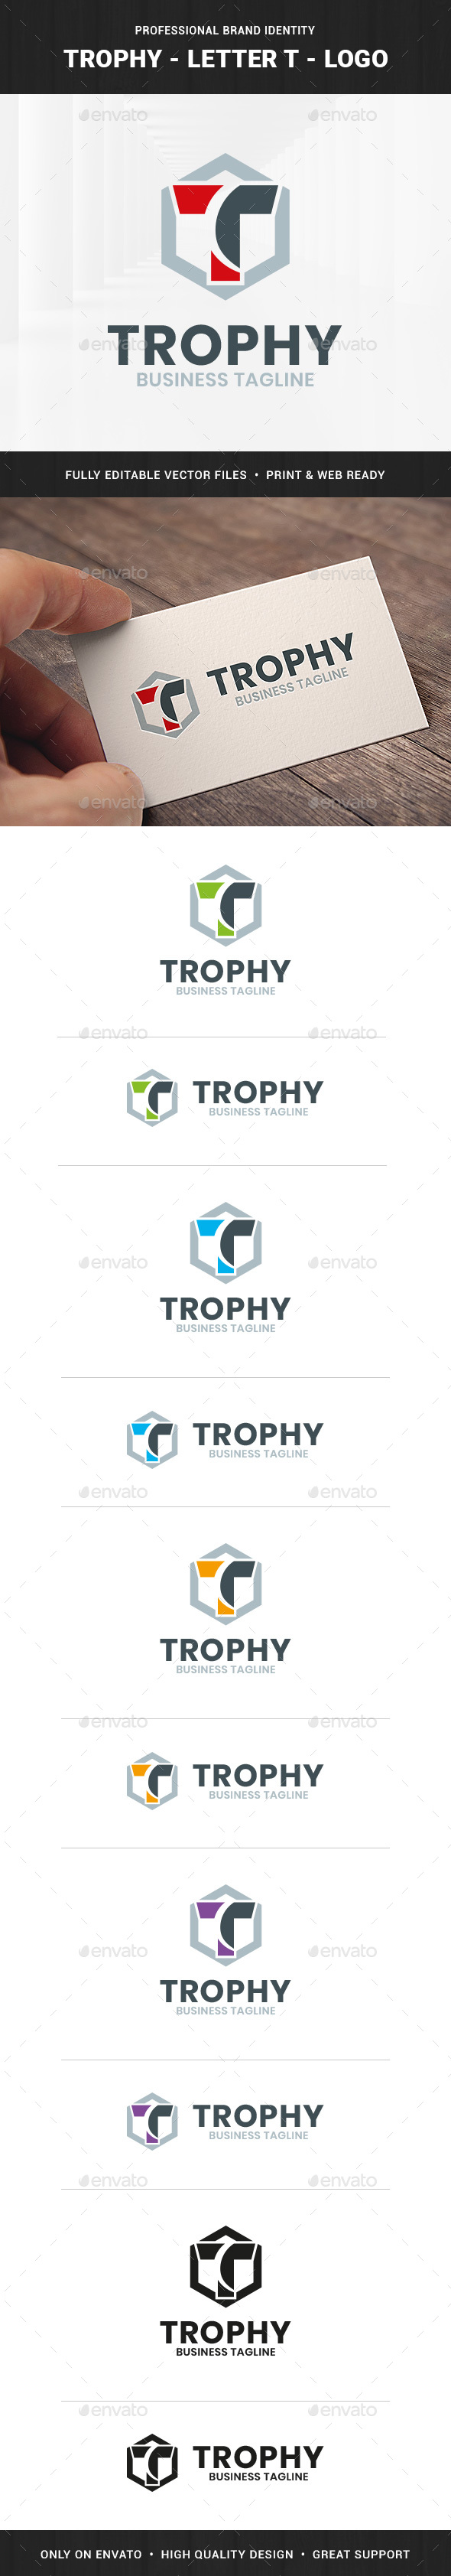 Trophy - Letter T Logo